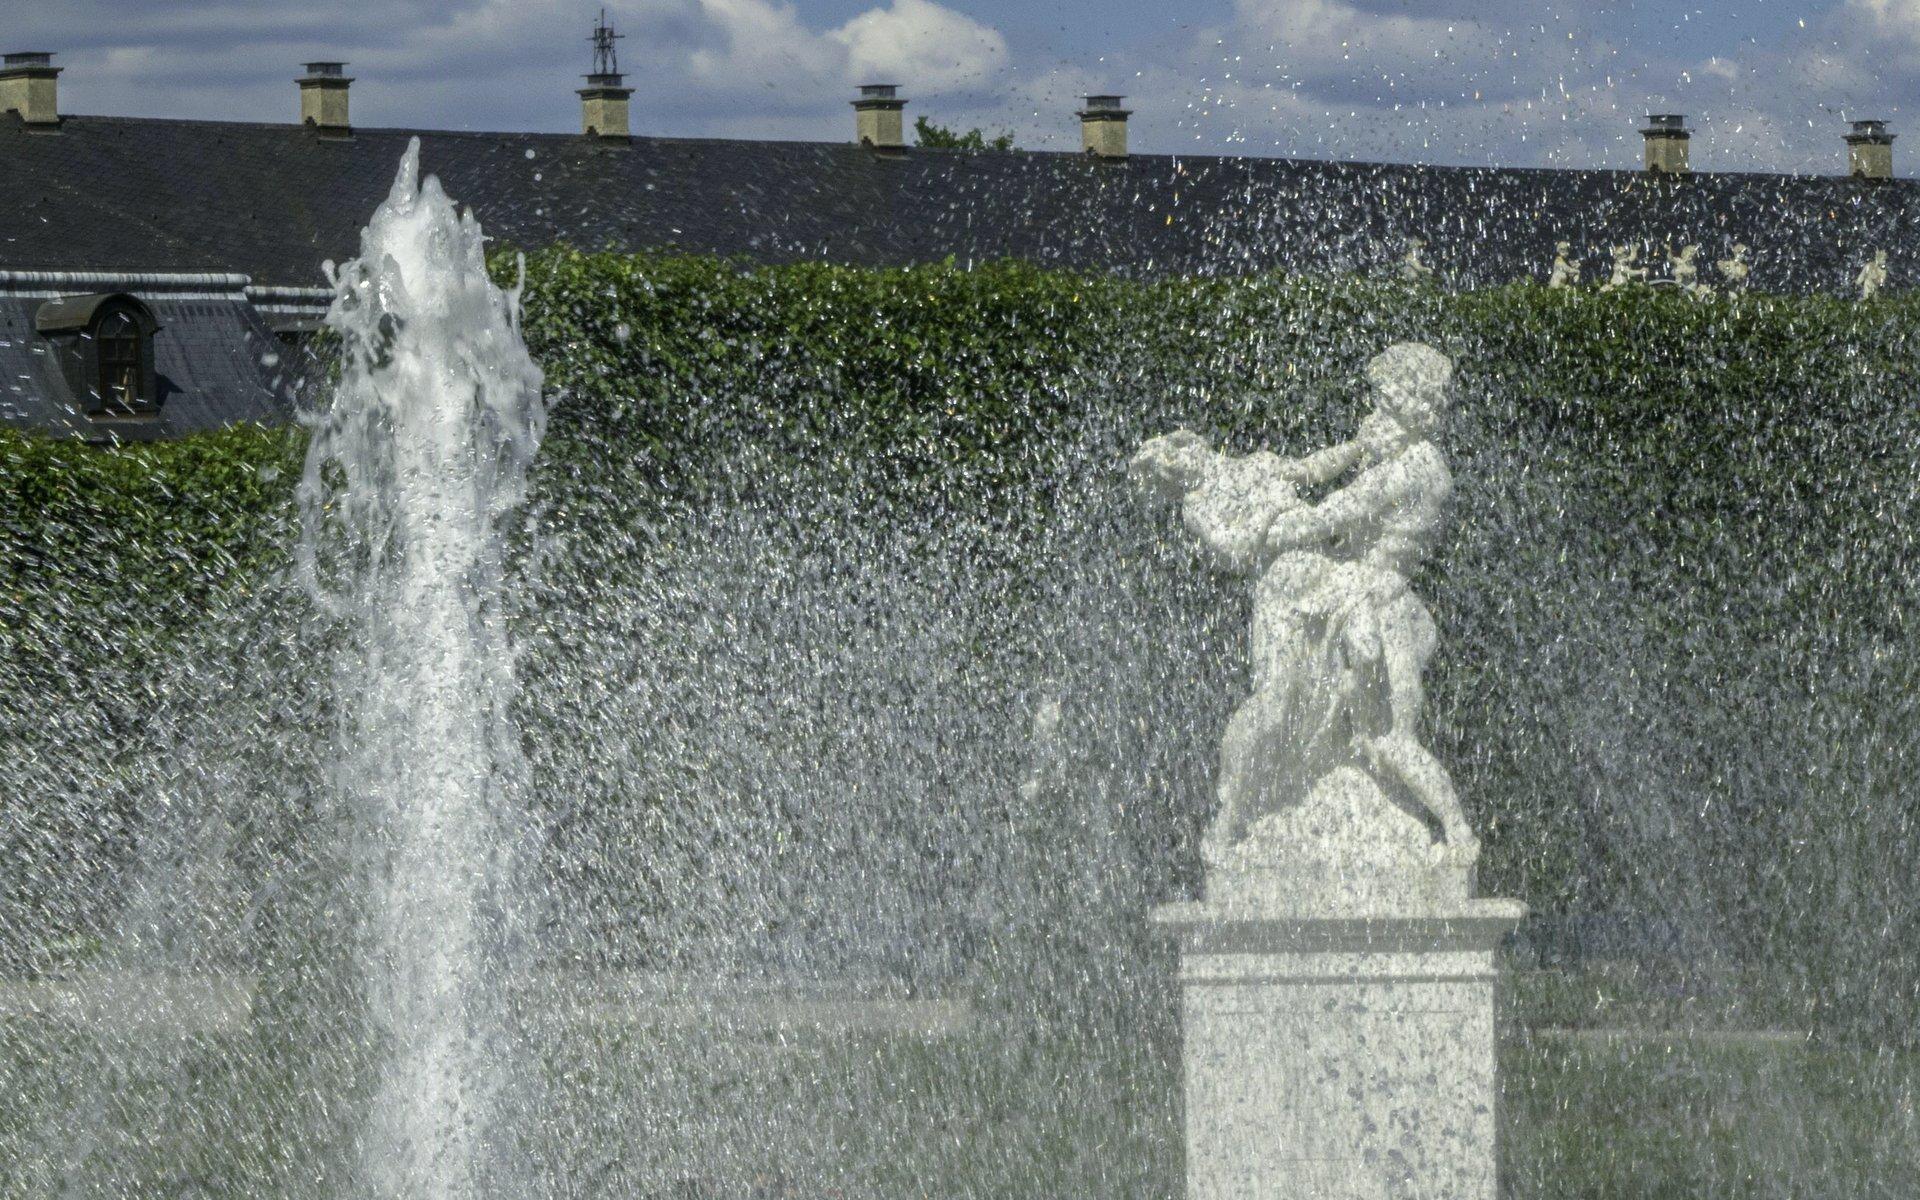 Pluto und Proserpina hinter der Glockenfontaine im Parterre des Großen Gartens